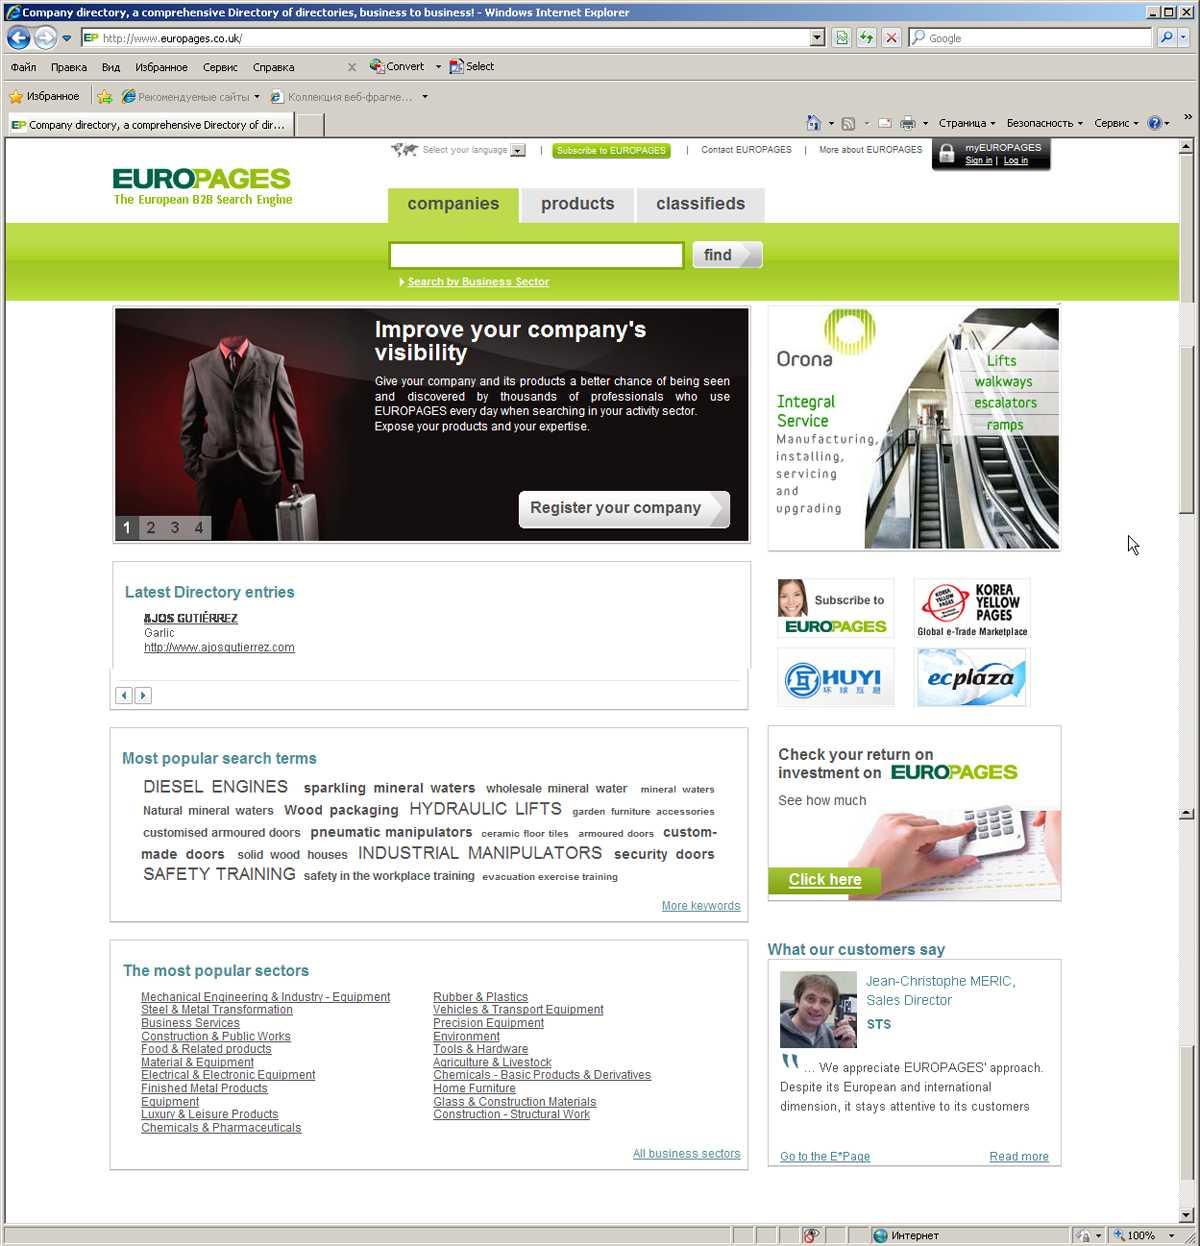 Размещение рекламы в поисковой системе EUROPAGES.COM